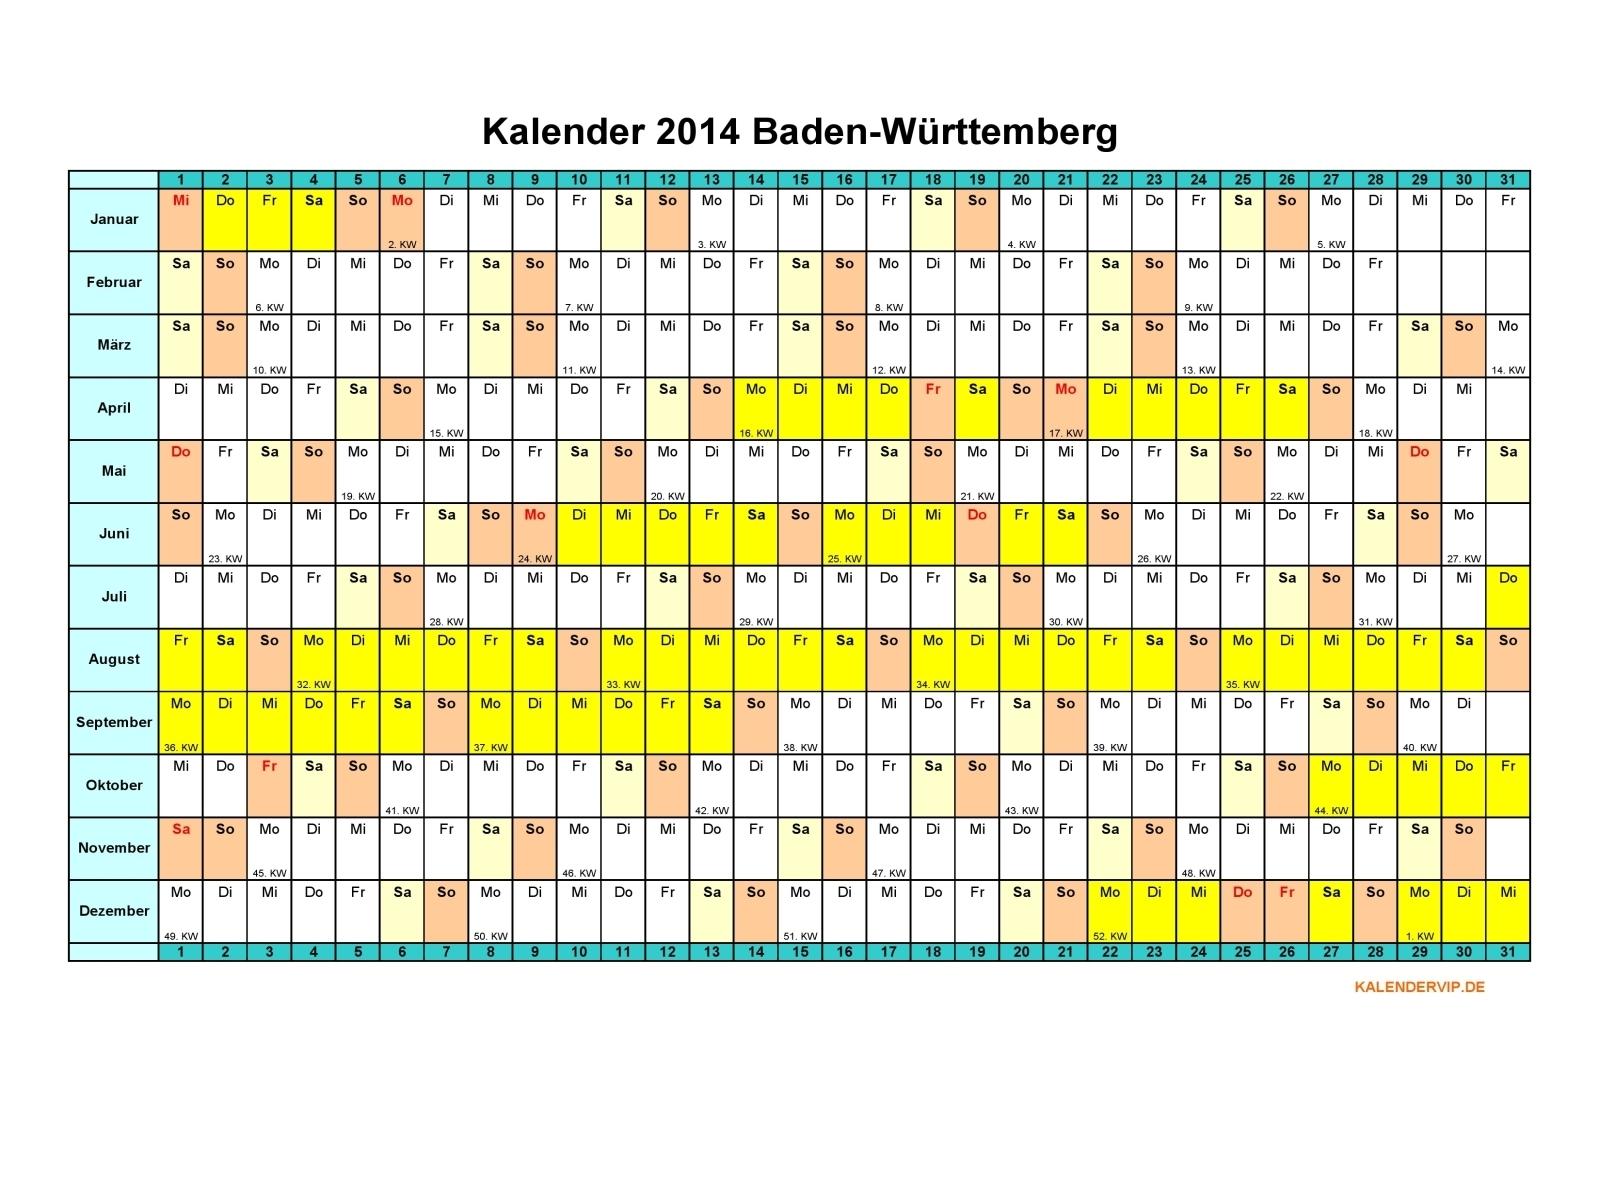 Kalender 2014 Baden-Württemberg - KalenderVIP